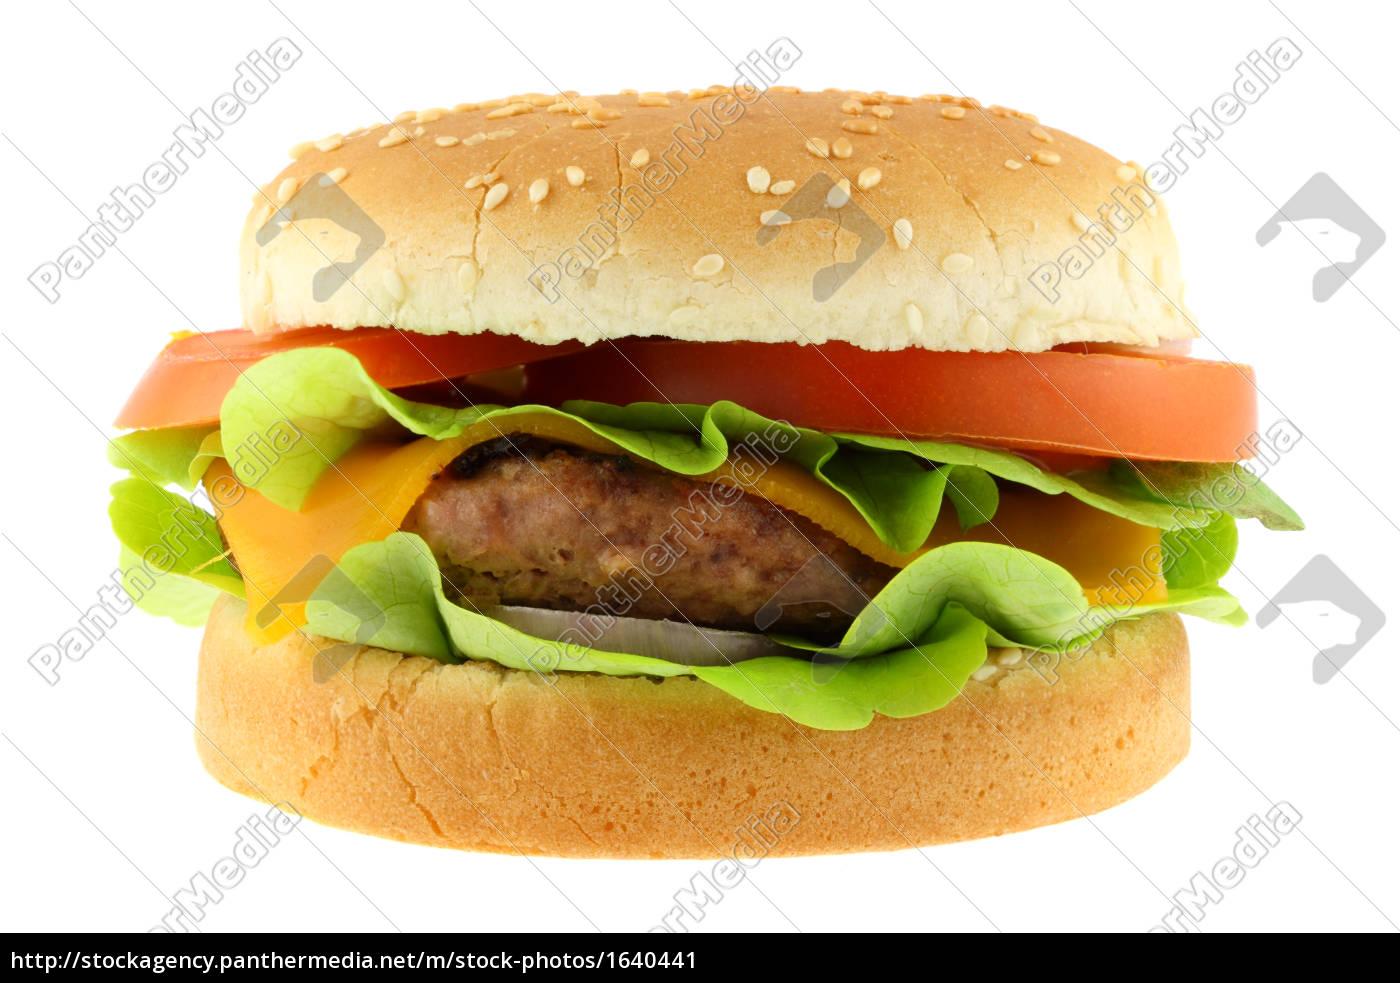 hamburger, isolated, on, white - 1640441